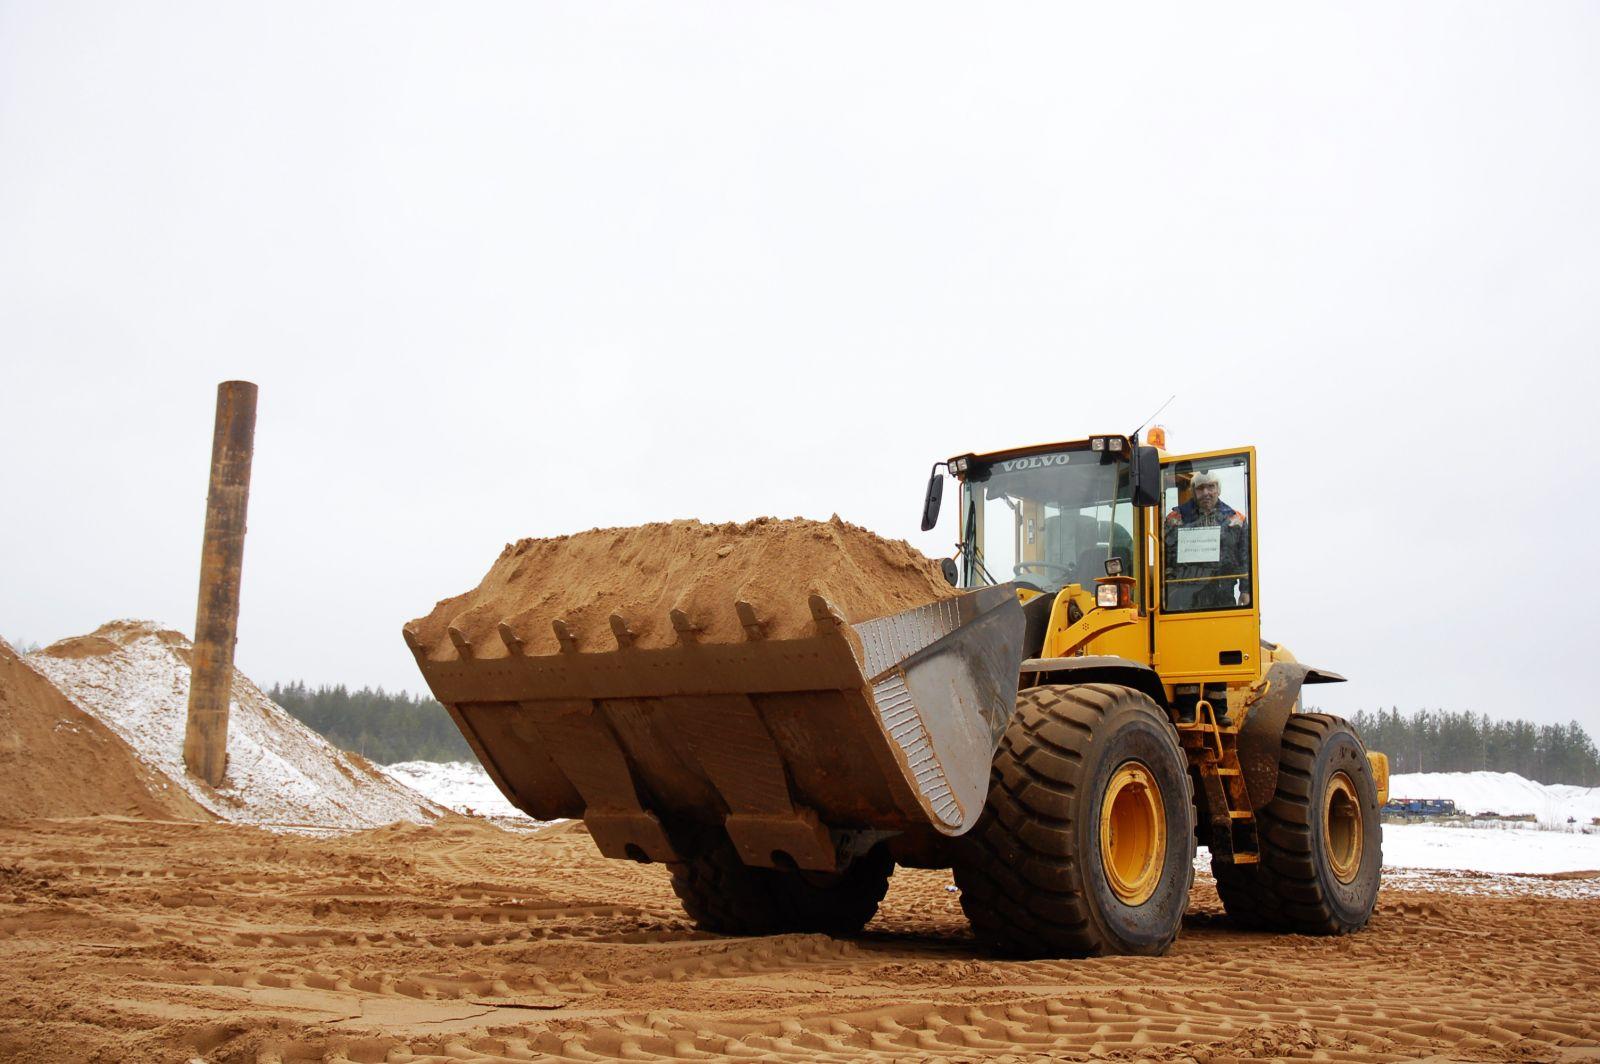 Купить строиельный песок пс групп строительная компания